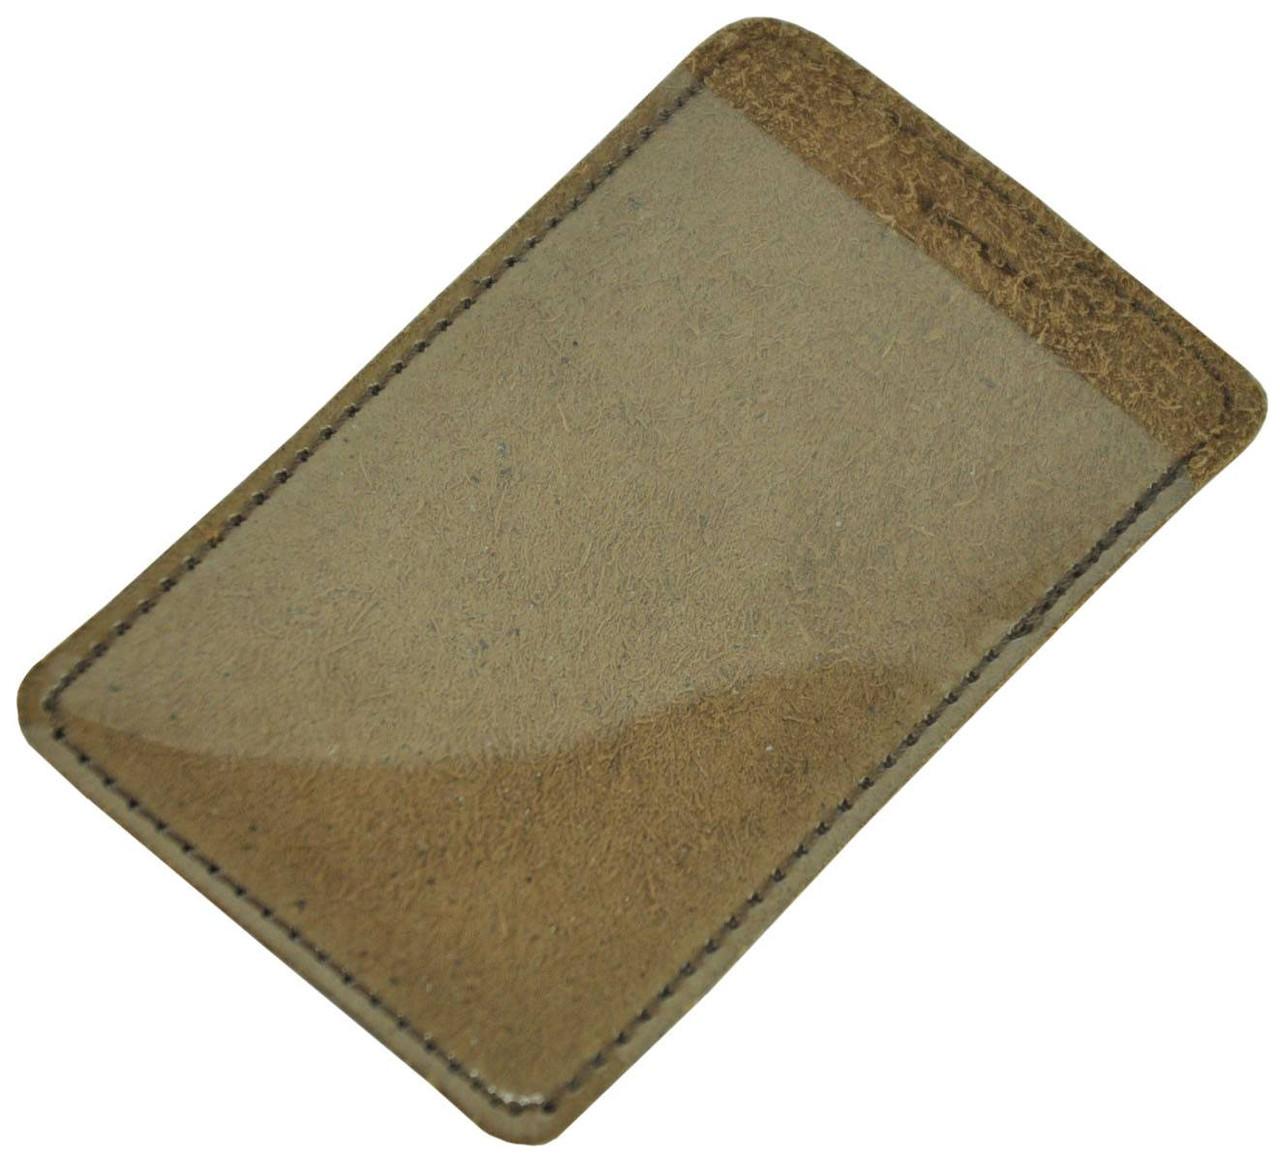 Кожаный чехол для карты Biometric коричневый